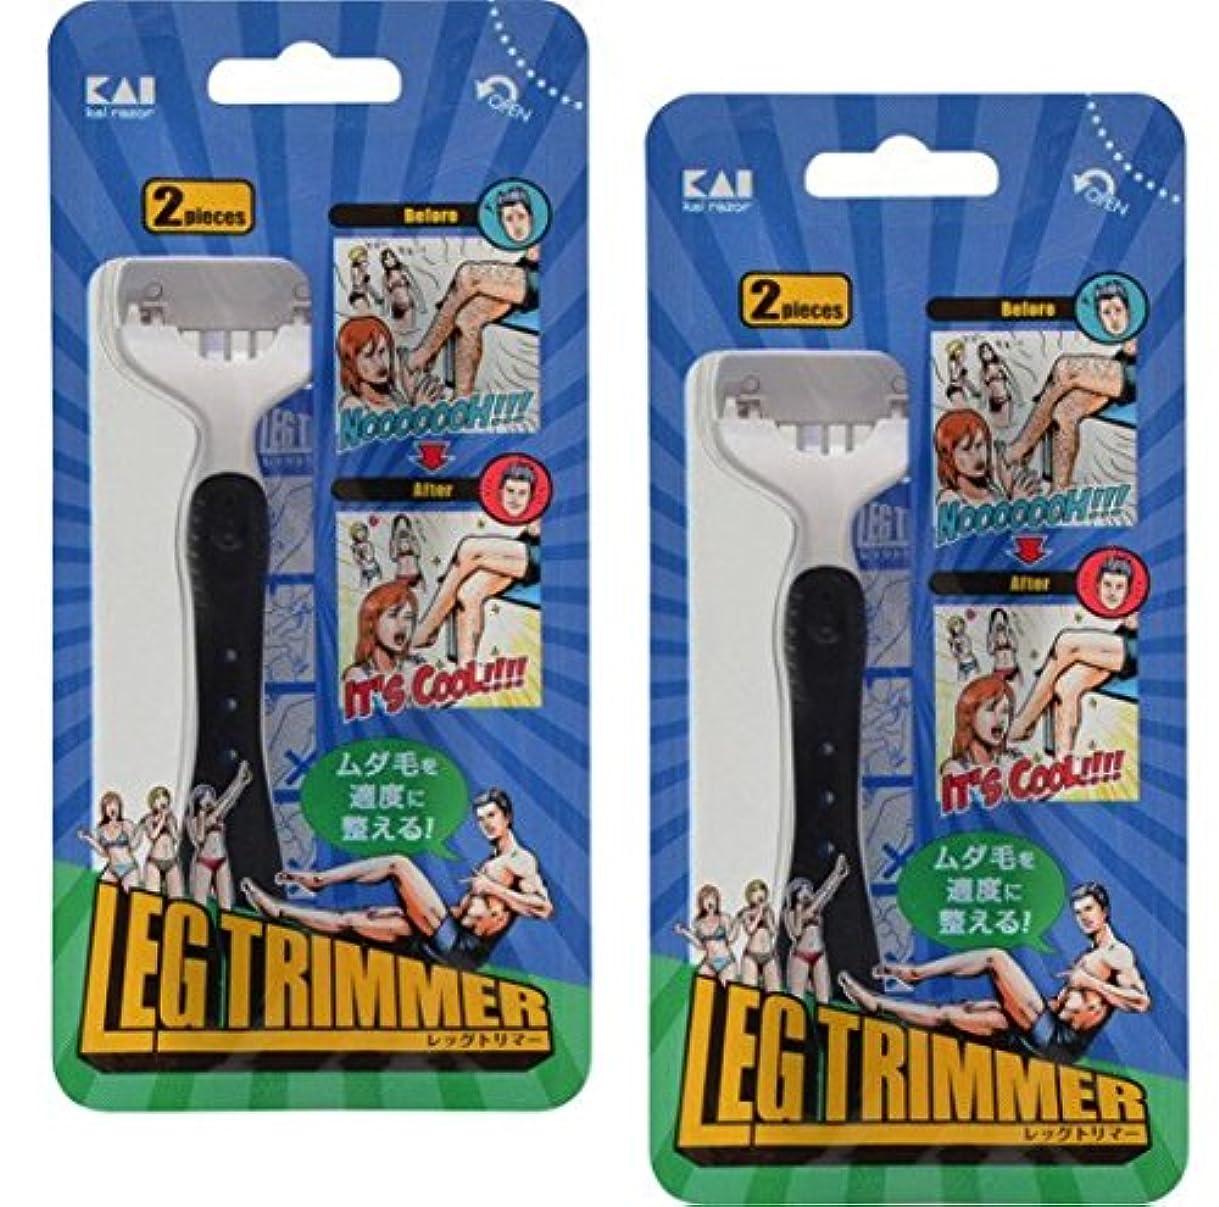 蒸発アラバマ田舎者LEG TRIMMER レッグトリマー (むだ毛を適度に整えるカミソリ)2本入 2セット